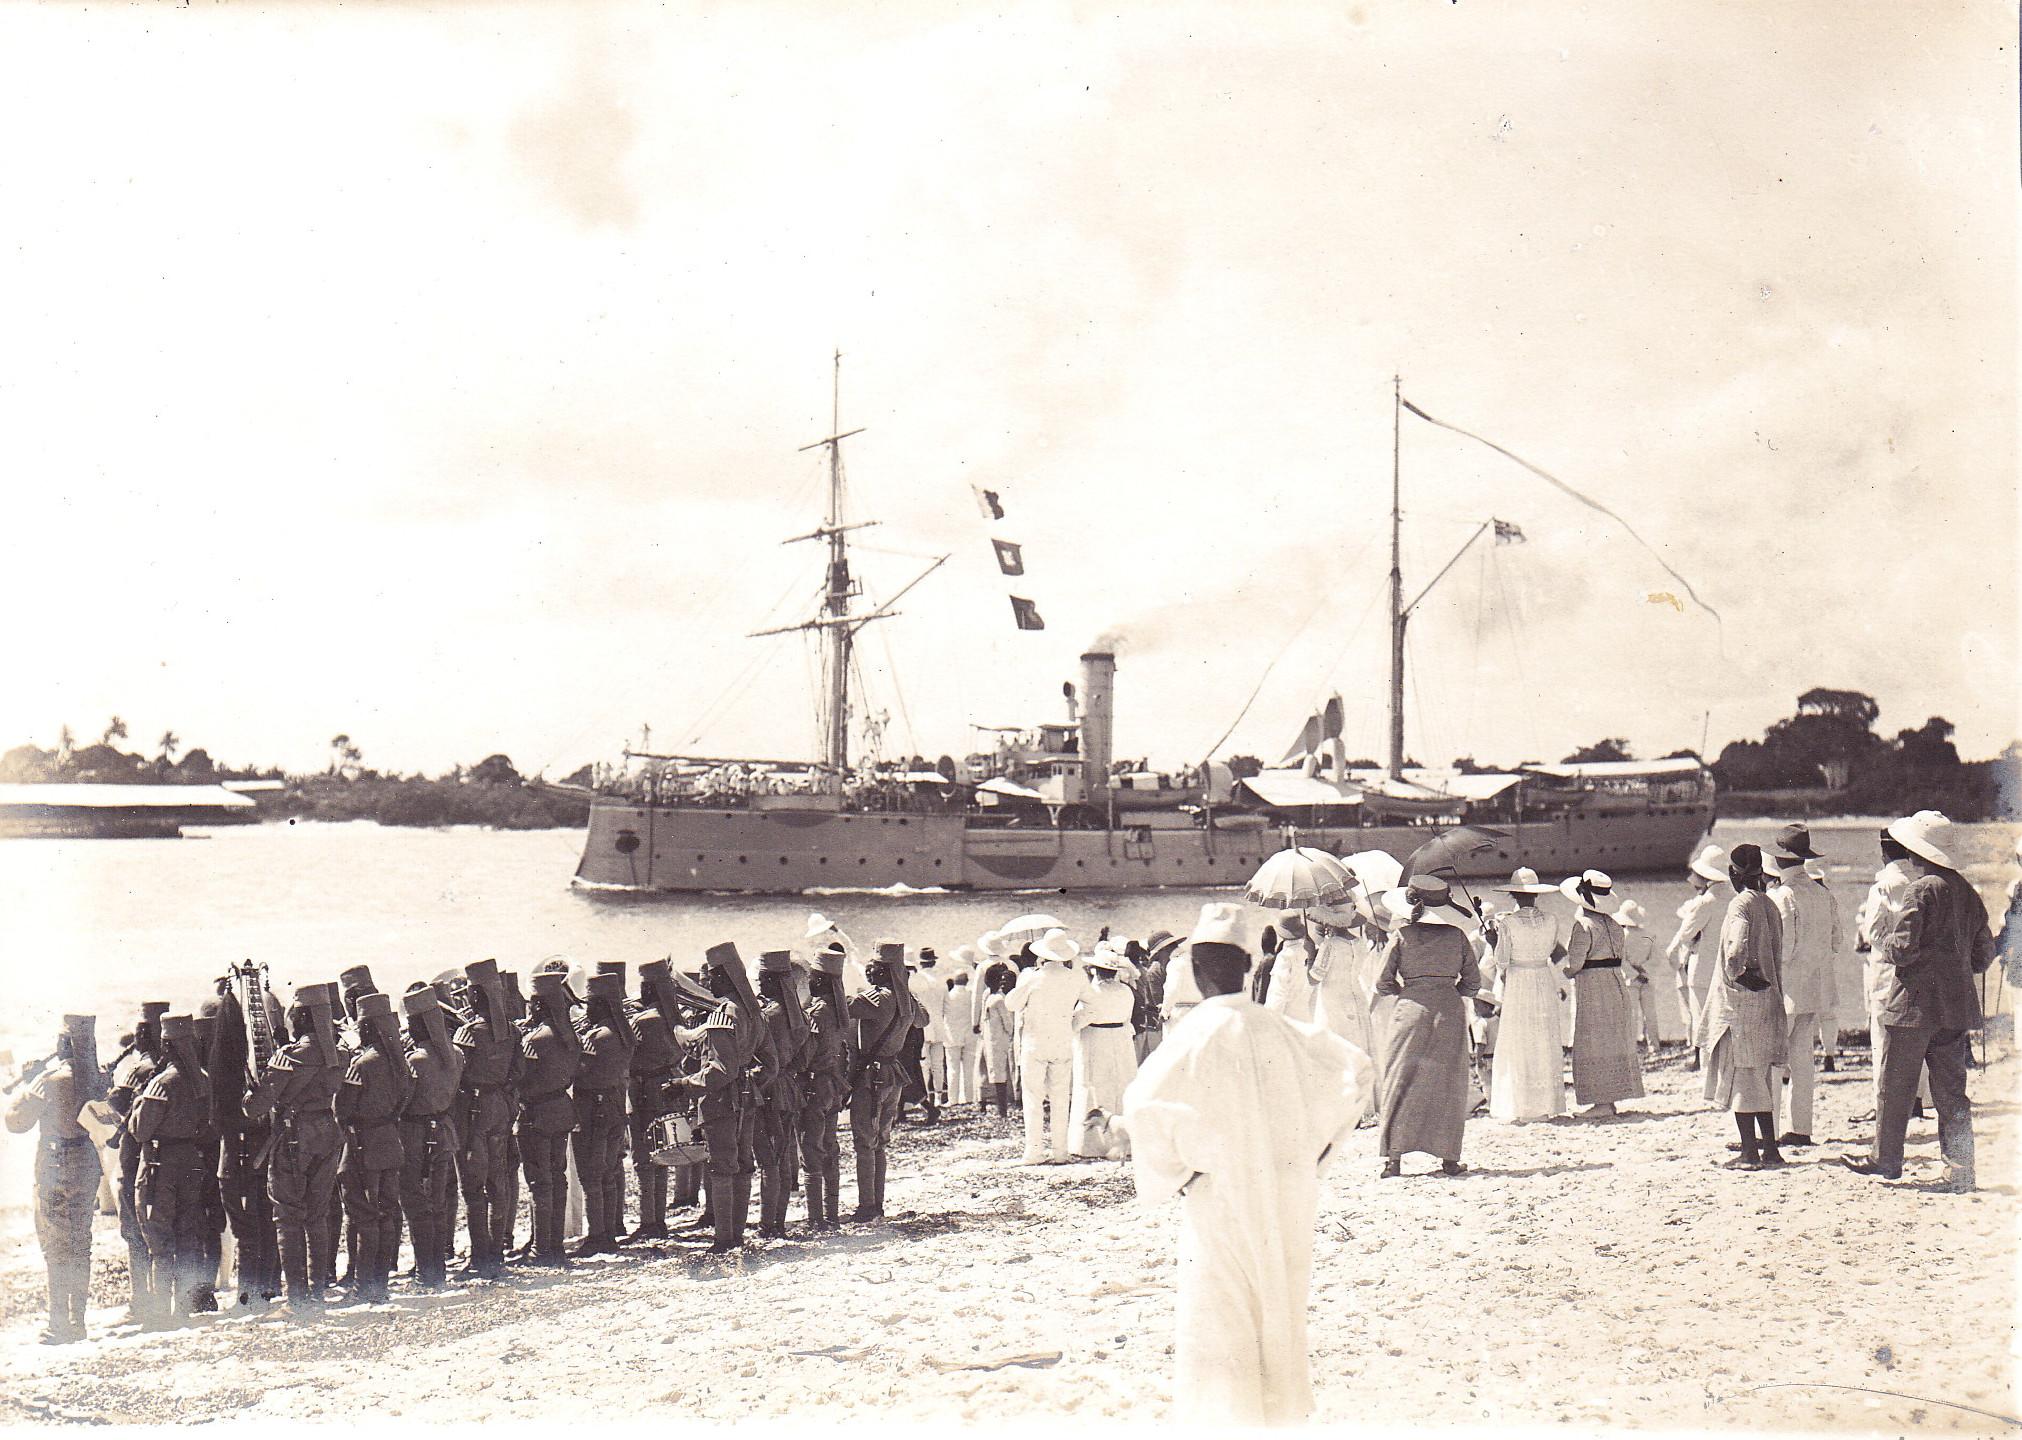 Verabschiedung und Ausreise S.M.S. Seeadler am 09.01.1914 zurück nach Deutschland II